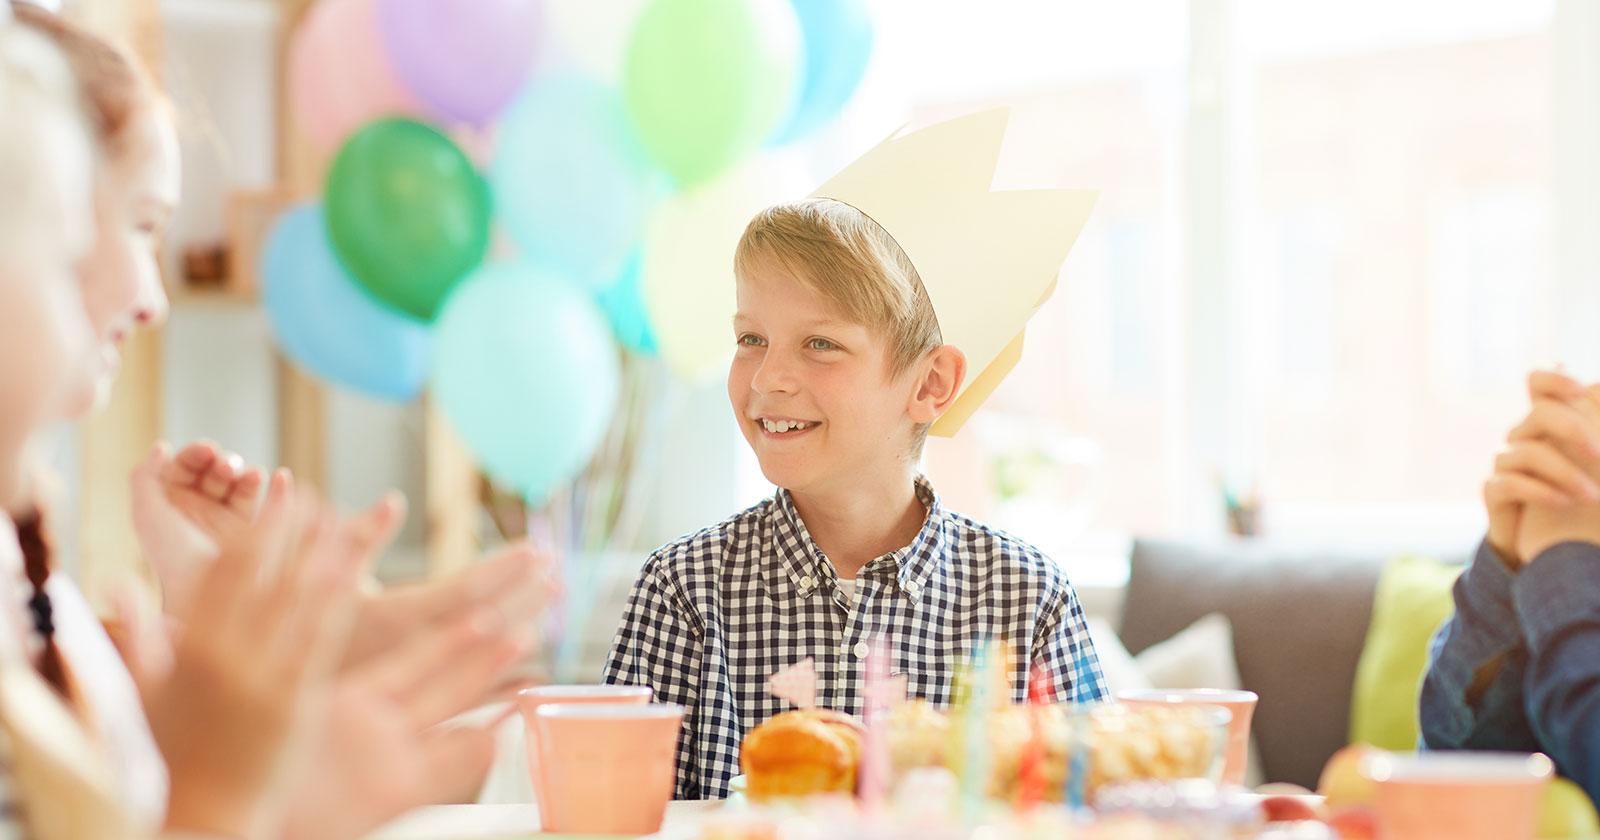 Życzenia urodzinowe dla chłopca oraz wesołe i wzruszające wierszyki